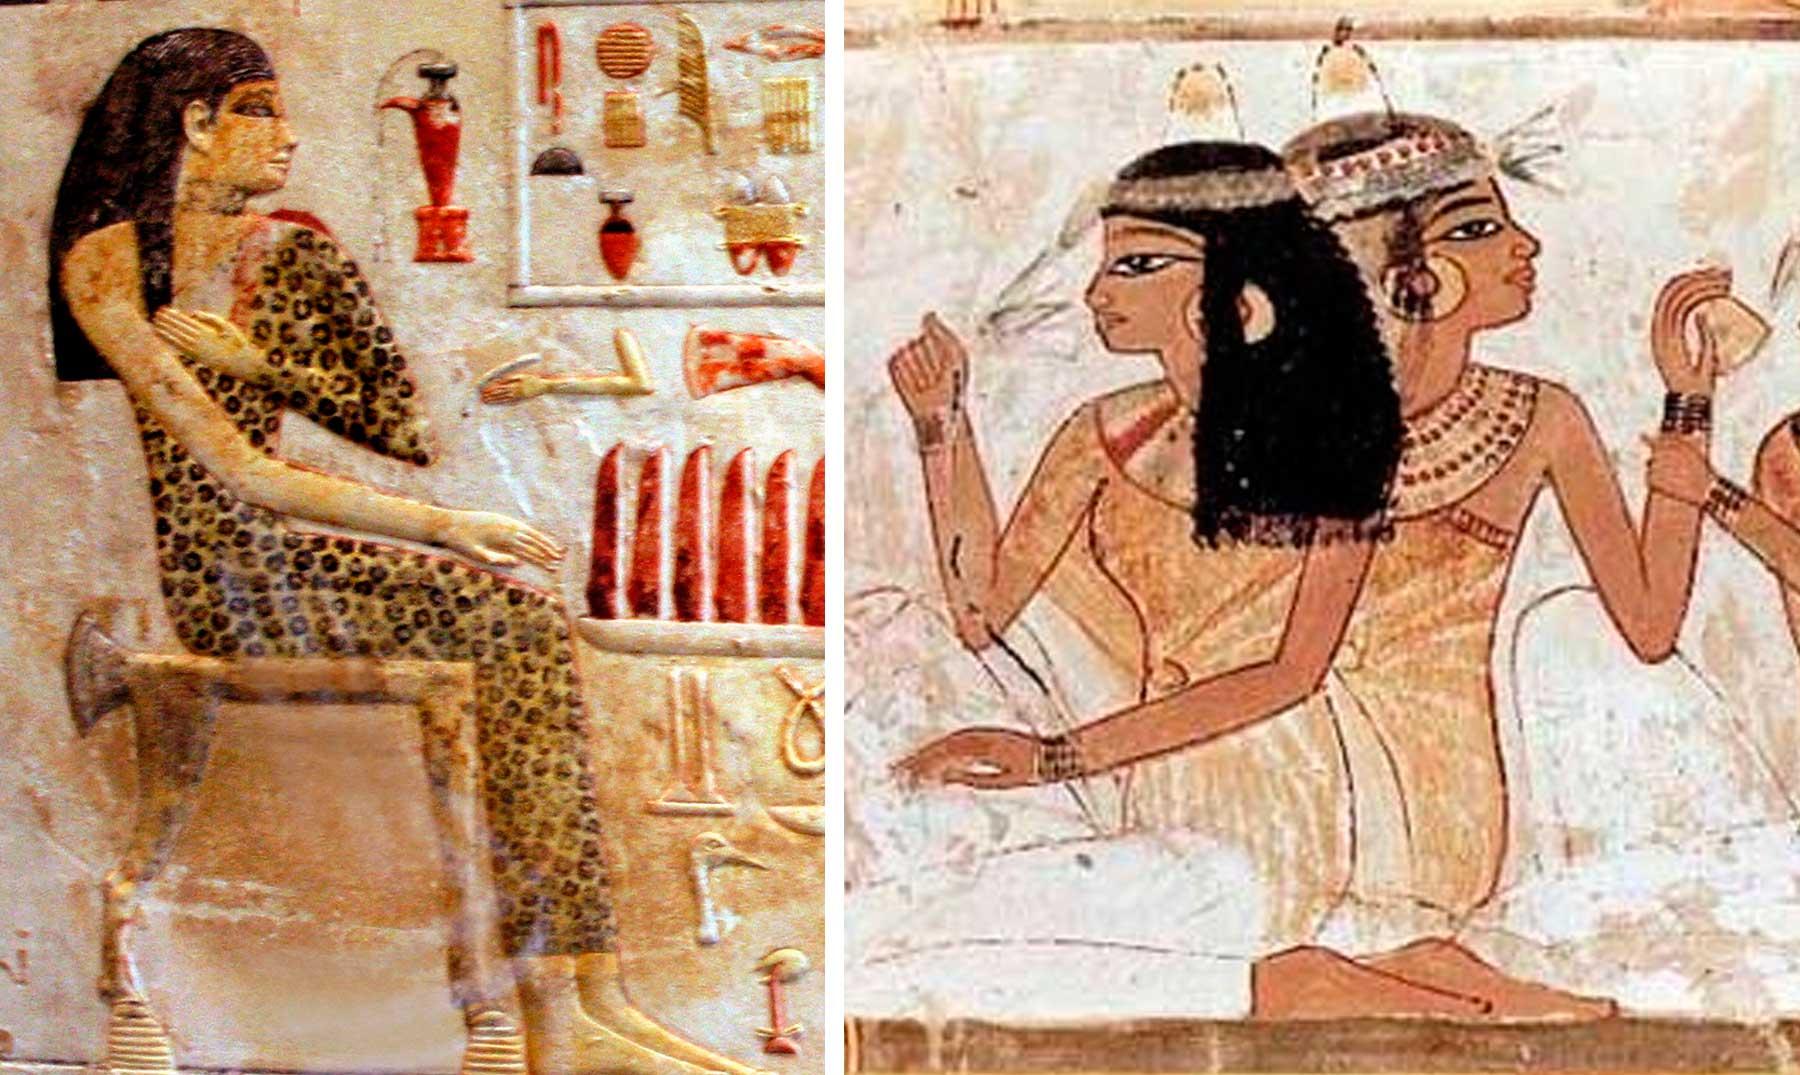 Higiene en el antiguo egipto c mo era desc brelo - El taller de lo antiguo ...